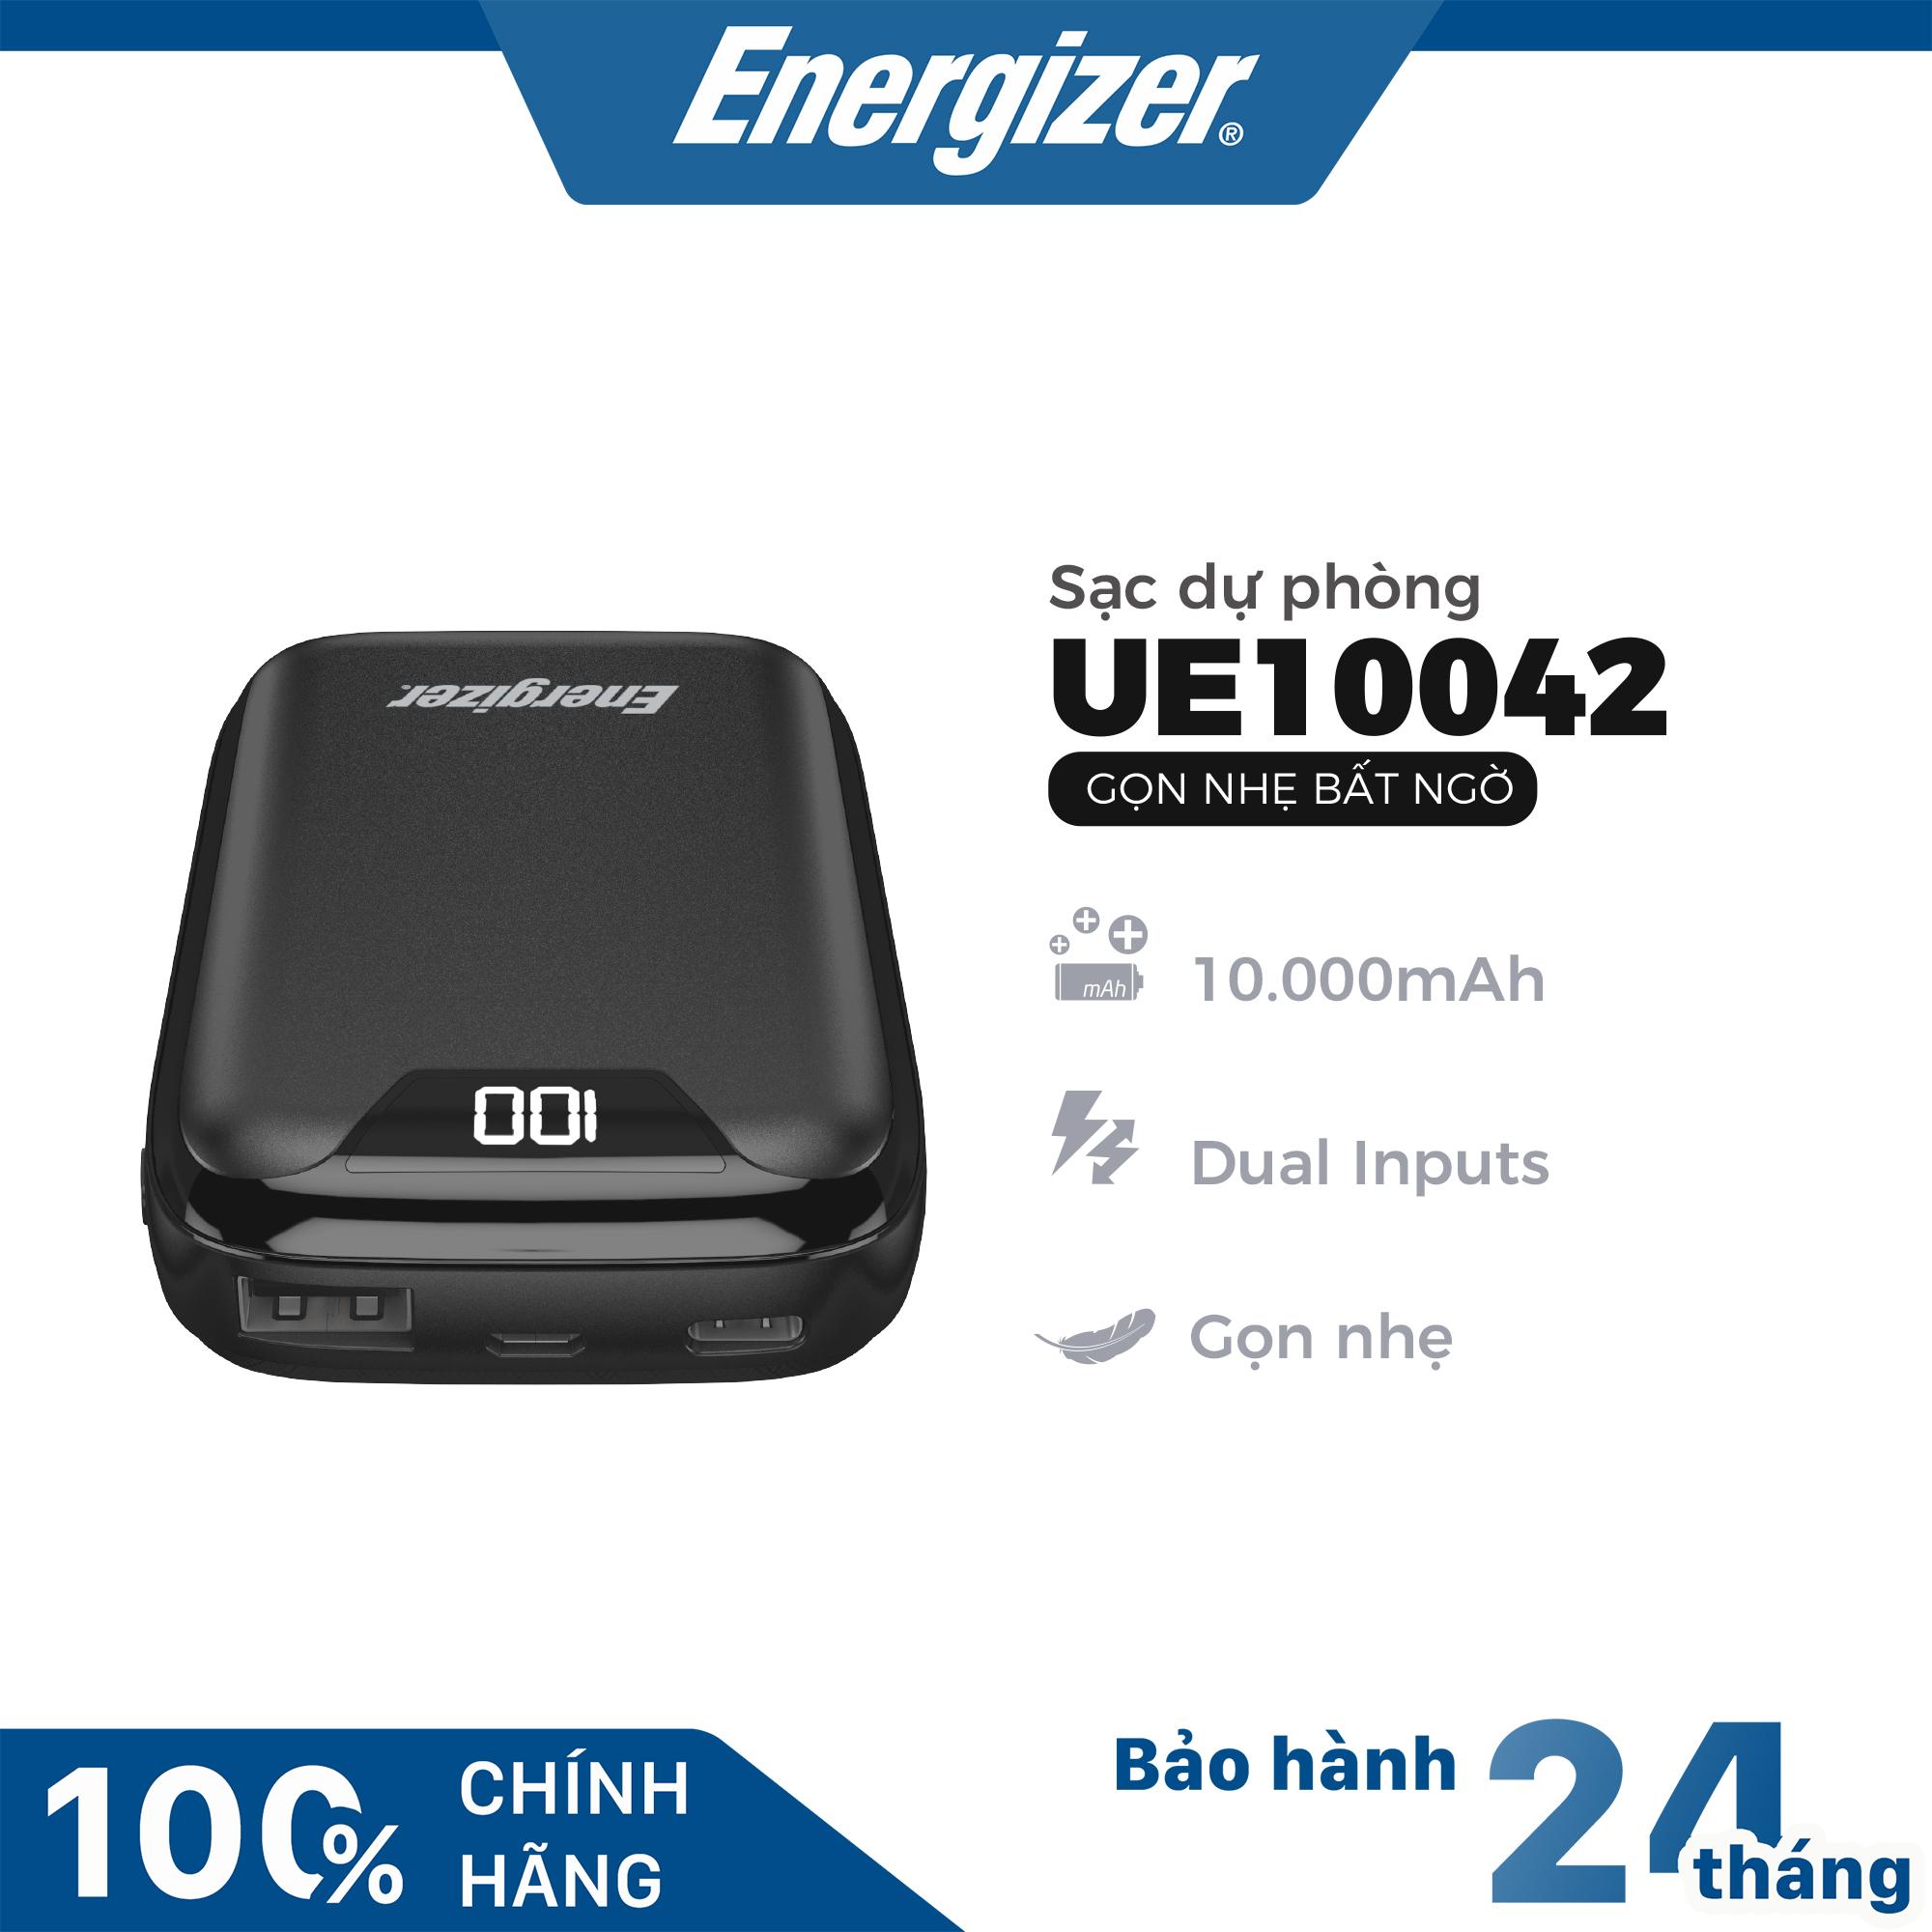 [BEST SELLER] Sạc dự phòng Energizer UE10042 10000mAh hỗ trợ sạc nhanh, có màn hình LED, thiết kế nhỏ gọn